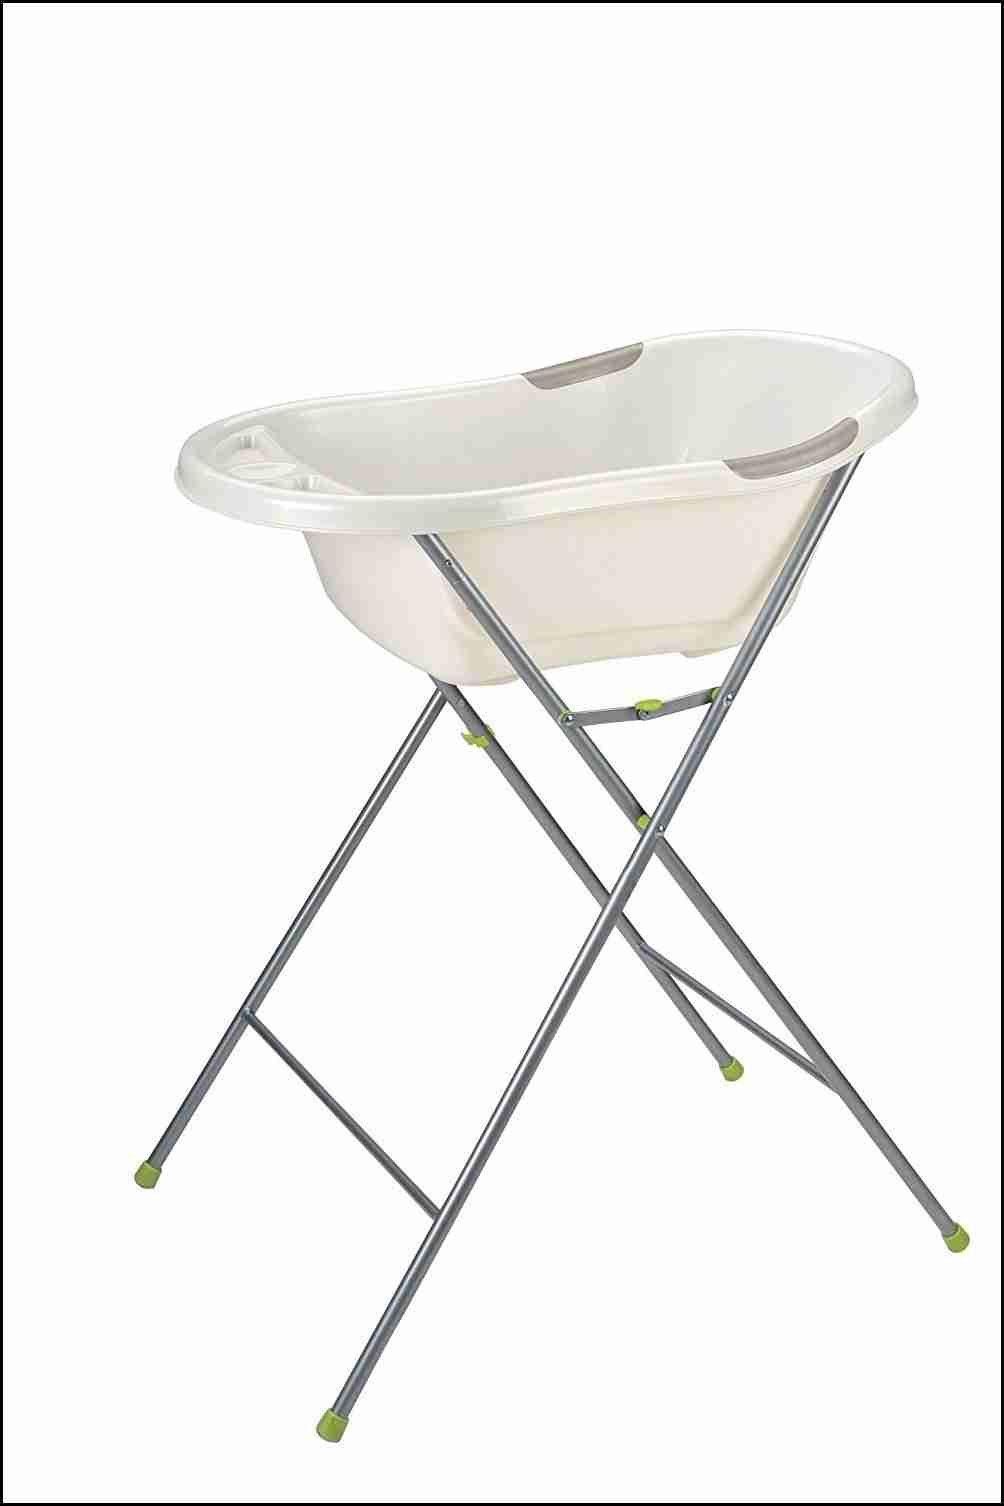 Lit Bébé Superposé Fraîche Chaise Table Bébé Cuisine Pour Bebe Lovely Lit Ikea Bebe 12 Superpos